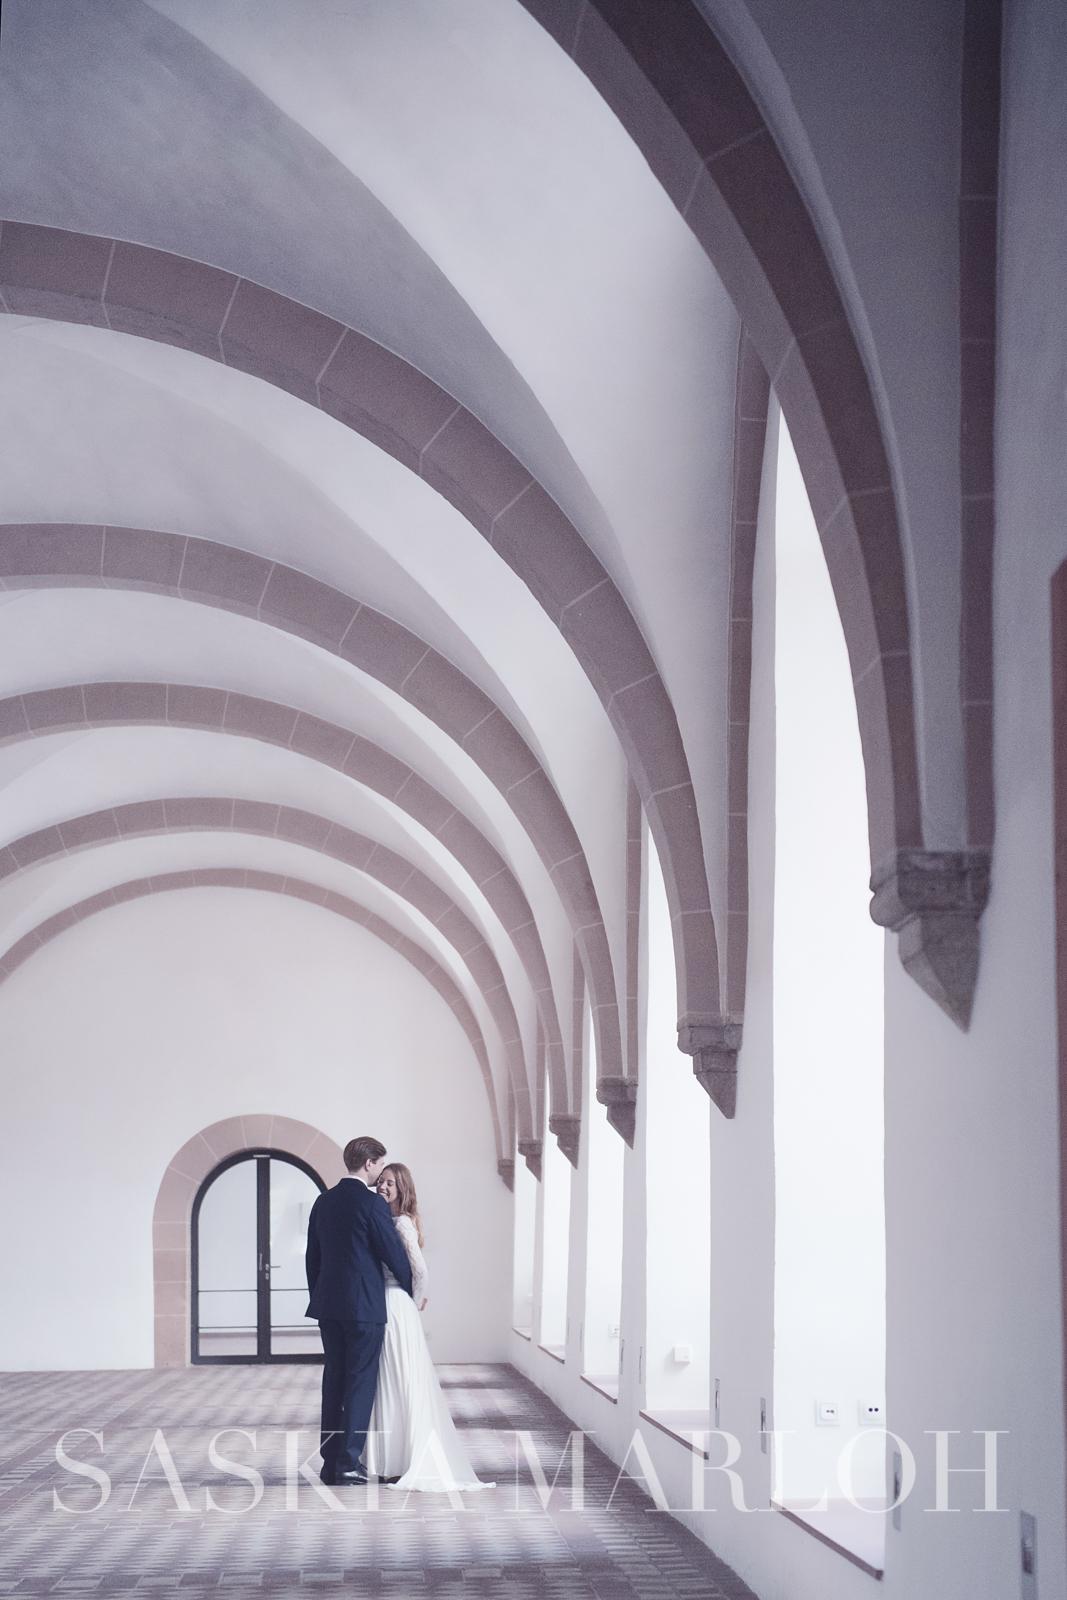 KLOSTER-EBERBACH-DEZEMBER-HOCHZEIT-WEDDING-WINTER-FOTO-SASKIA-MARLOH-263